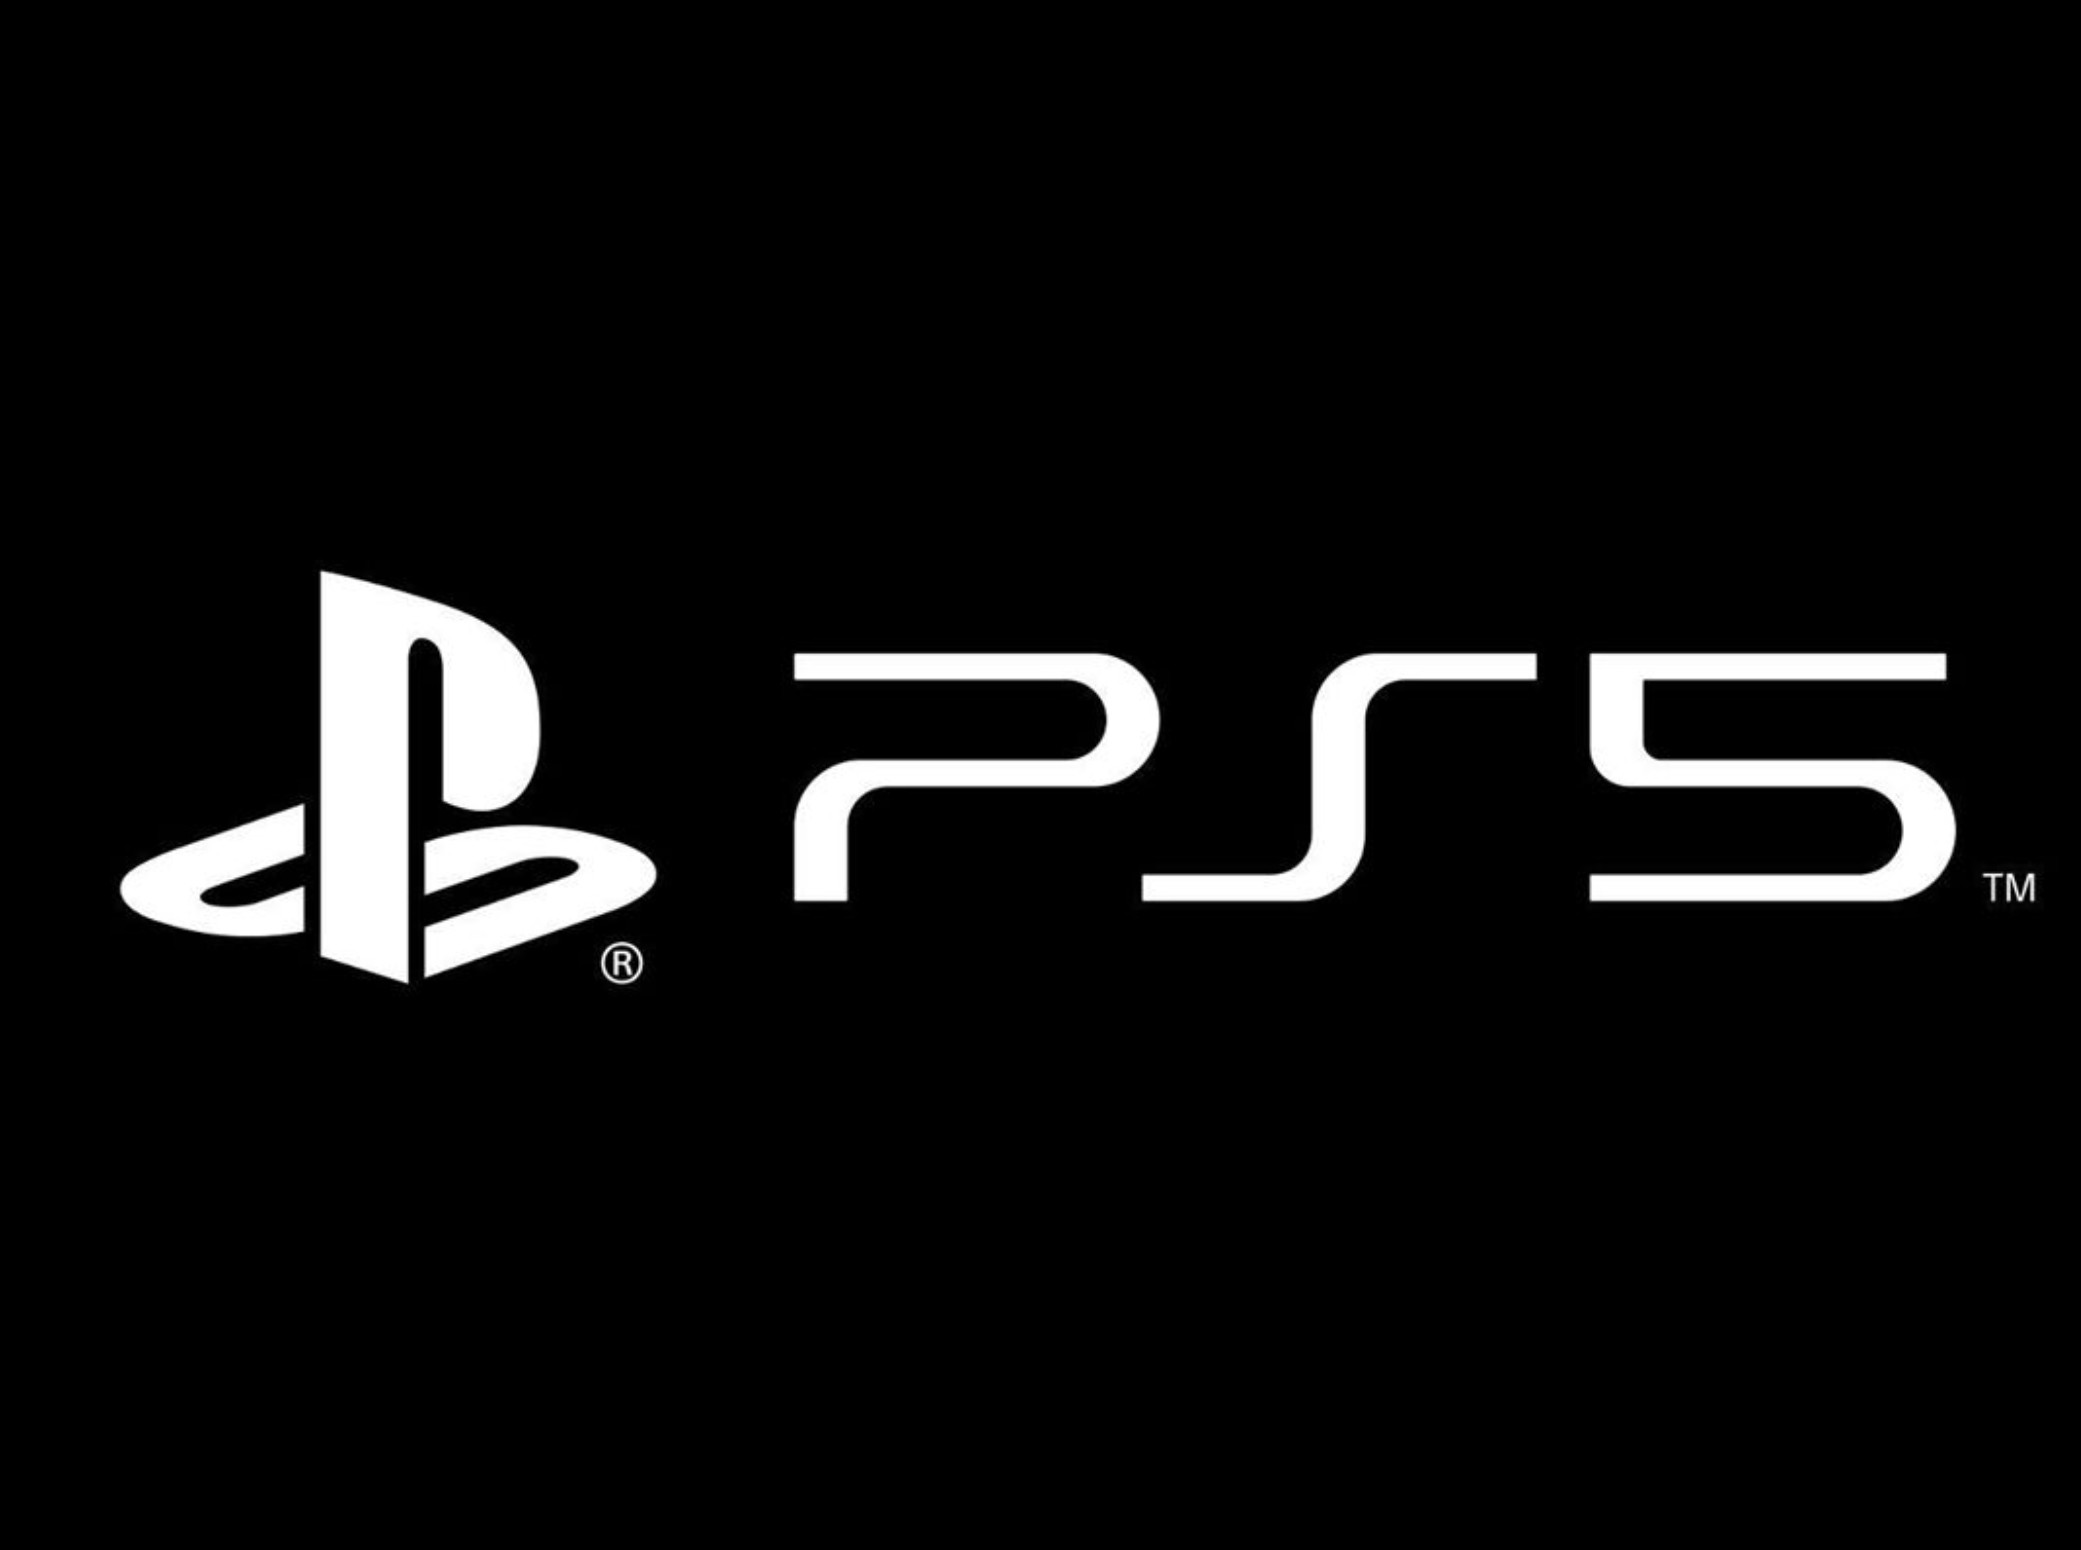 Логотип PS5